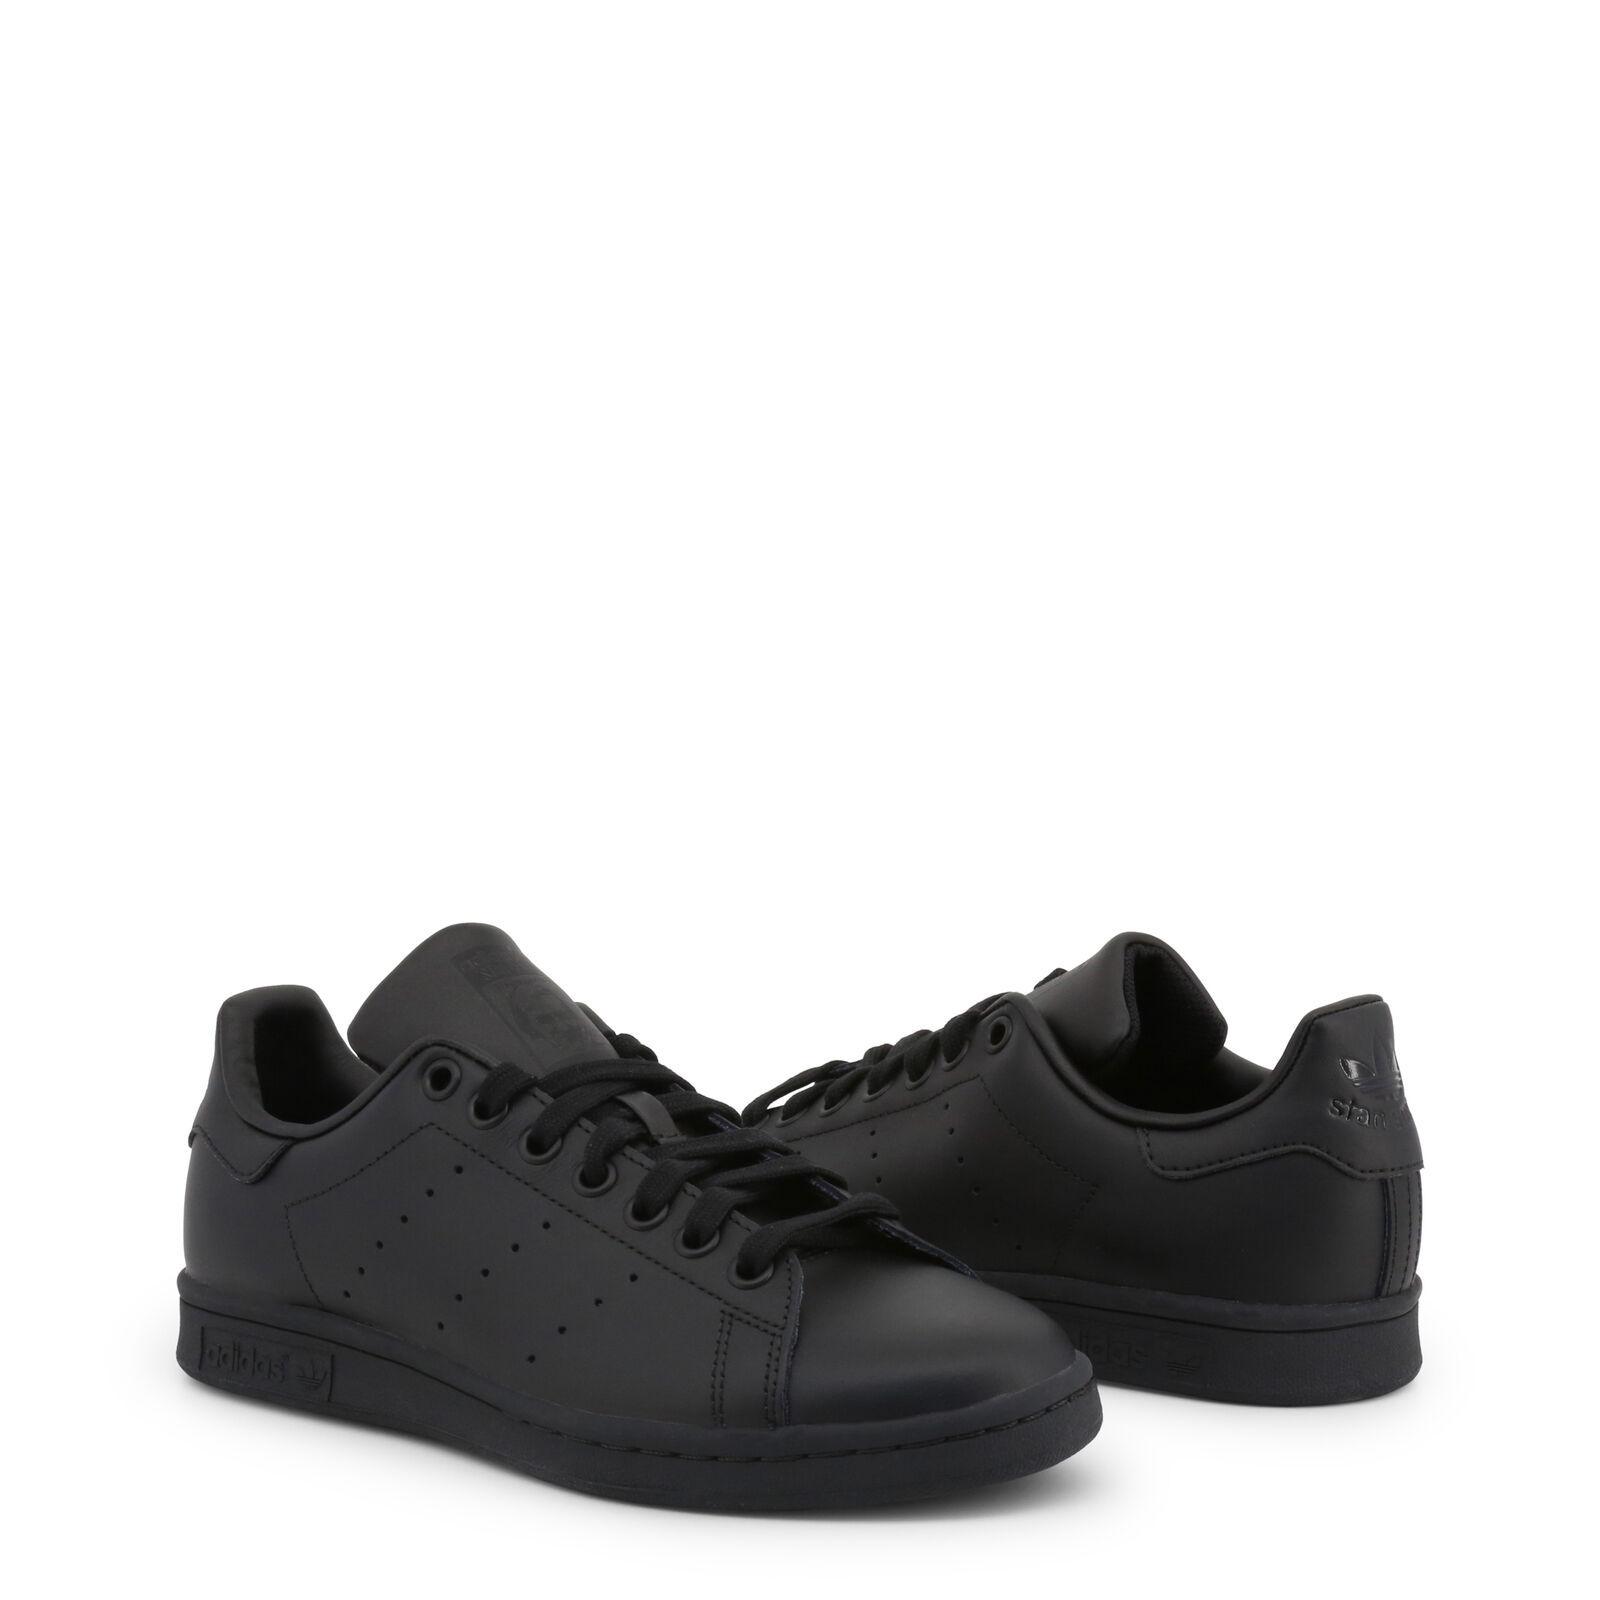 Adidas Stansmith Unisex Black 102616